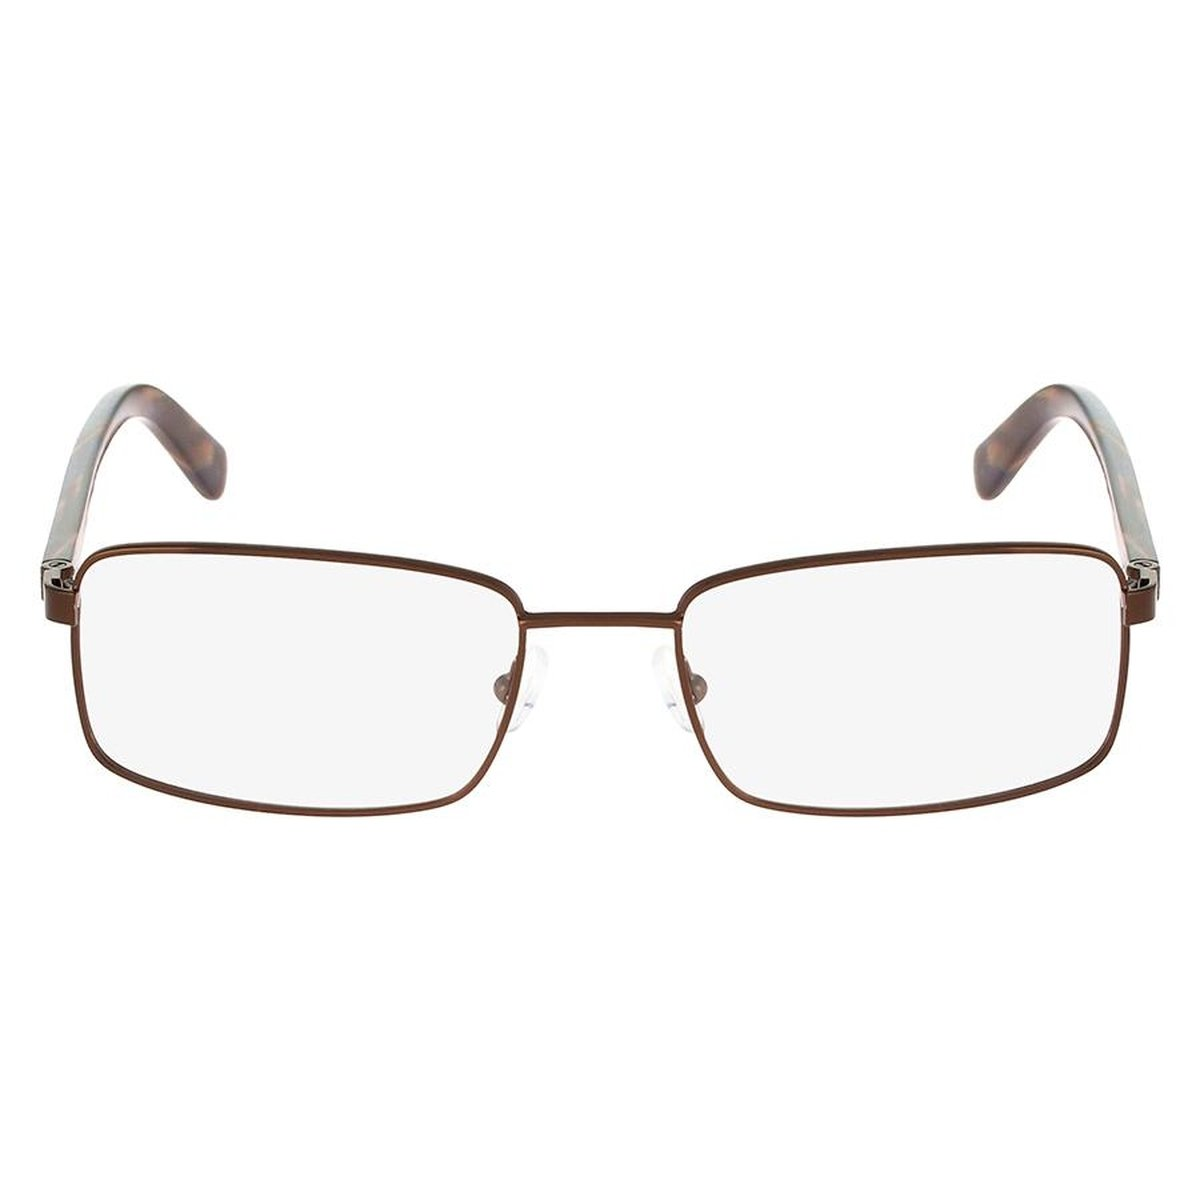 Armação Óculos de Grau Calvin Klein CK8008 223 53 - Compre Agora   Zattini c832ff8423